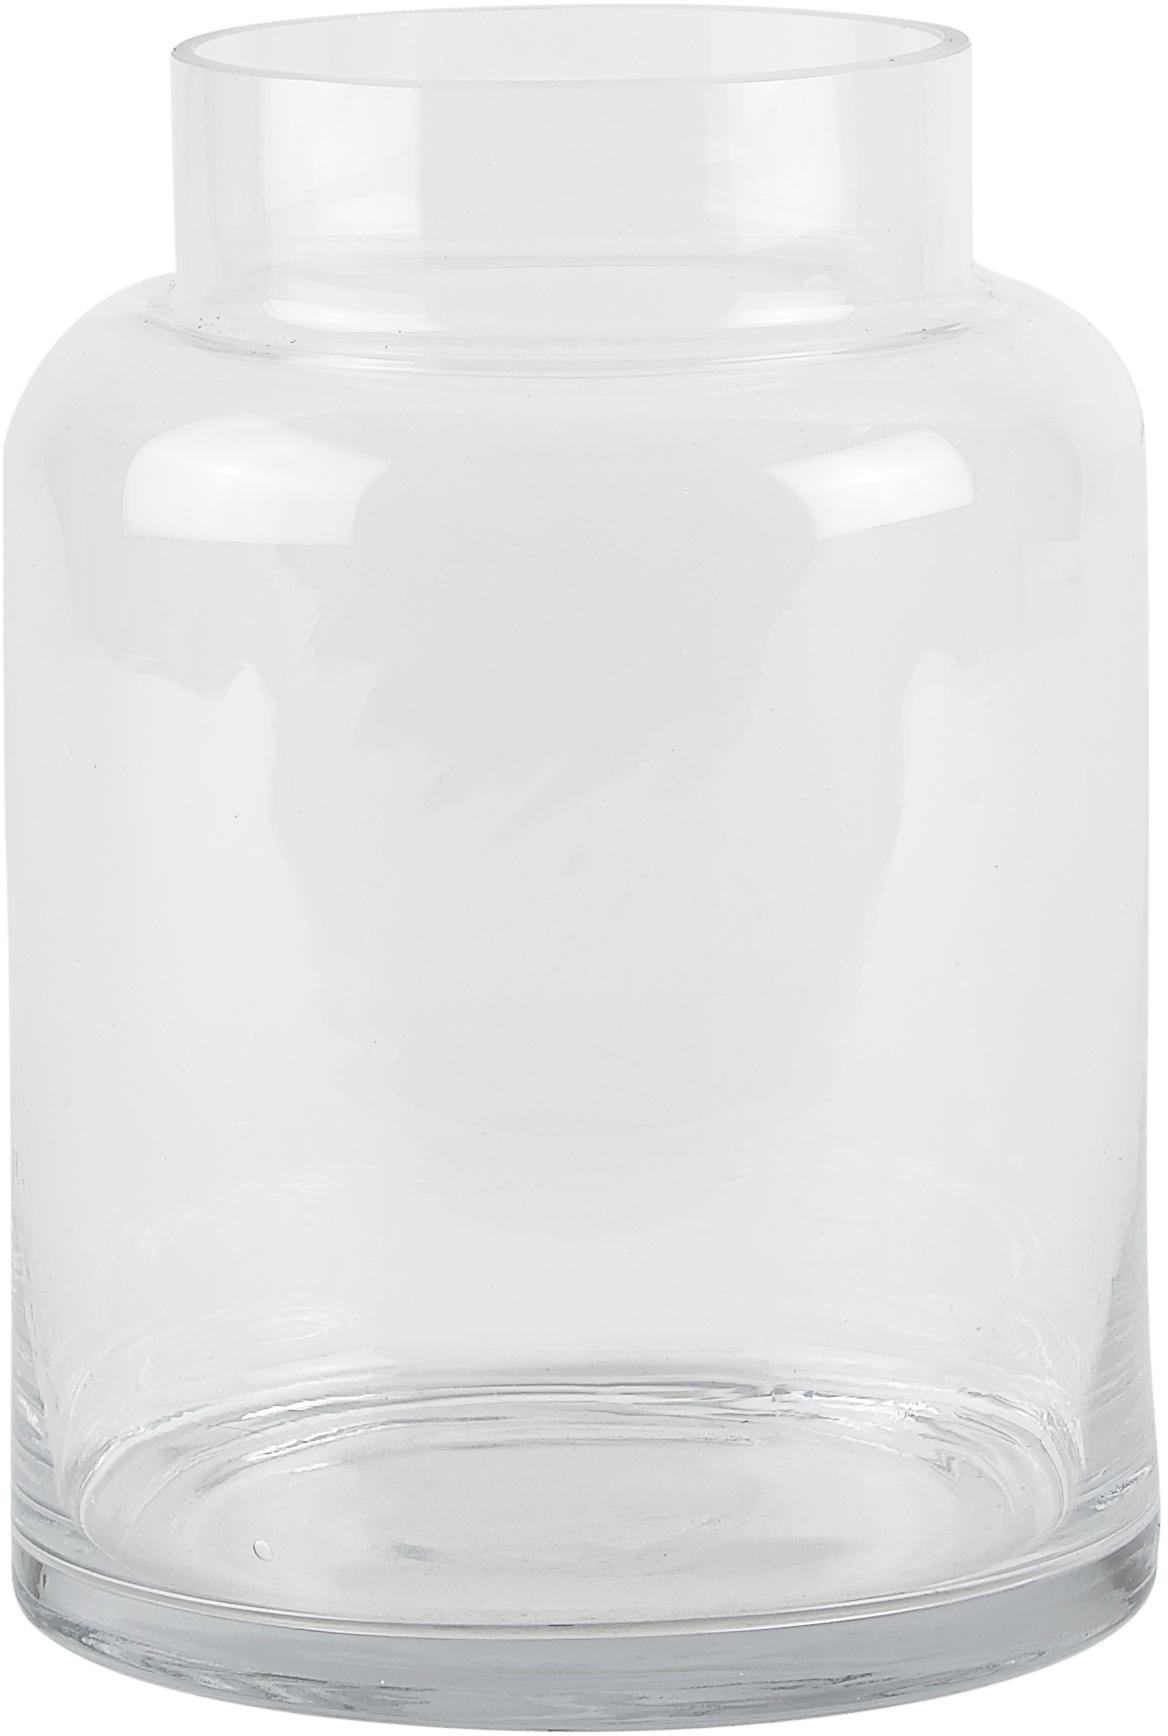 Wazon Lanti, Szkło, Transparentny, Ø 15 x W 20 cm